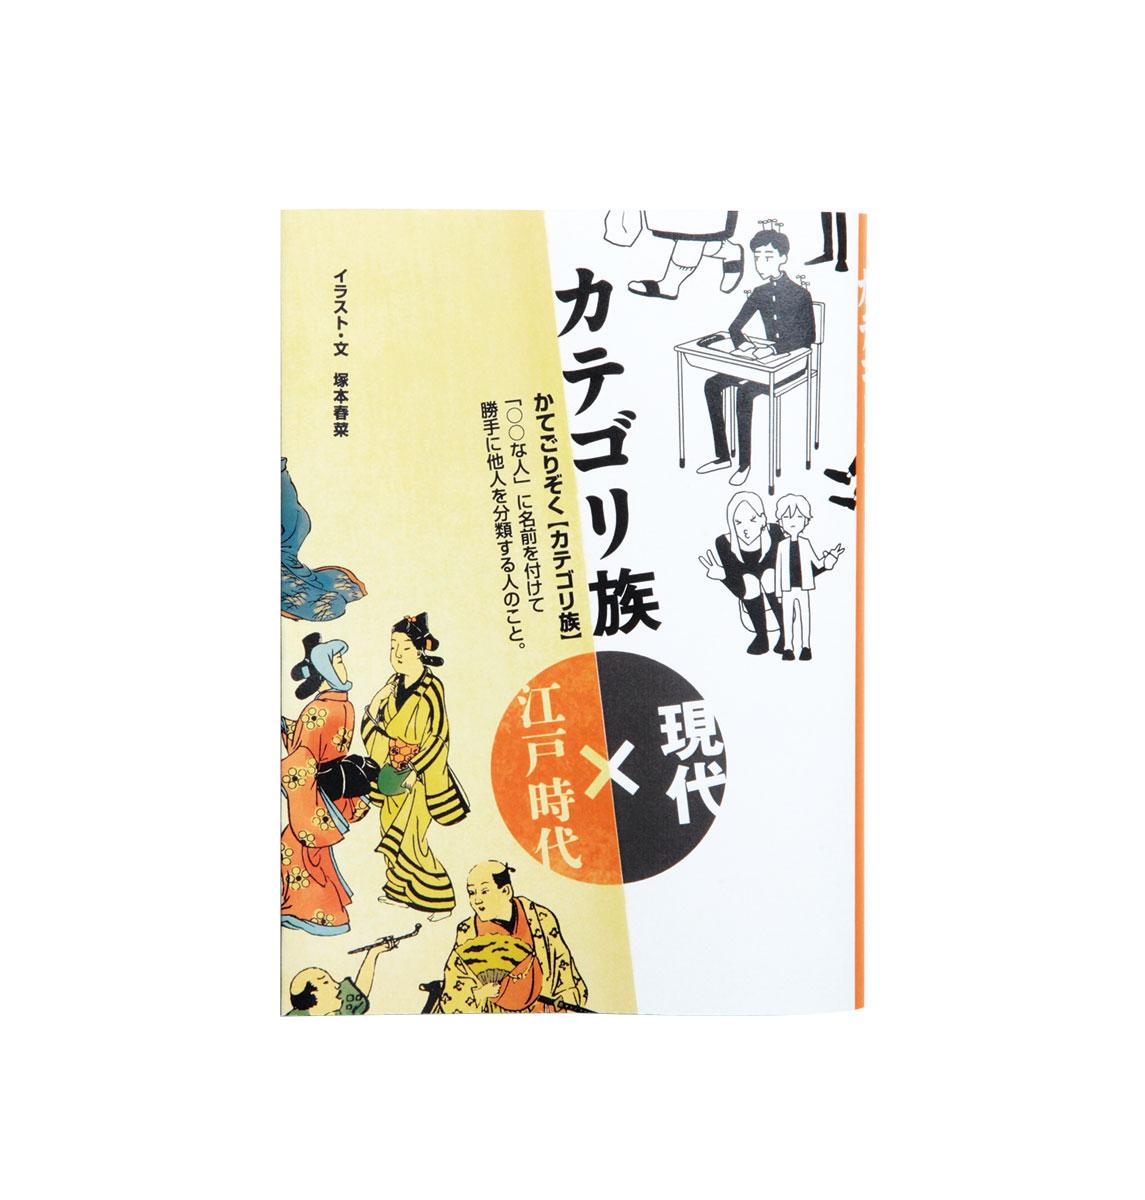 [塚本 春菜] 『カテゴリ族 現代×江戸時代』